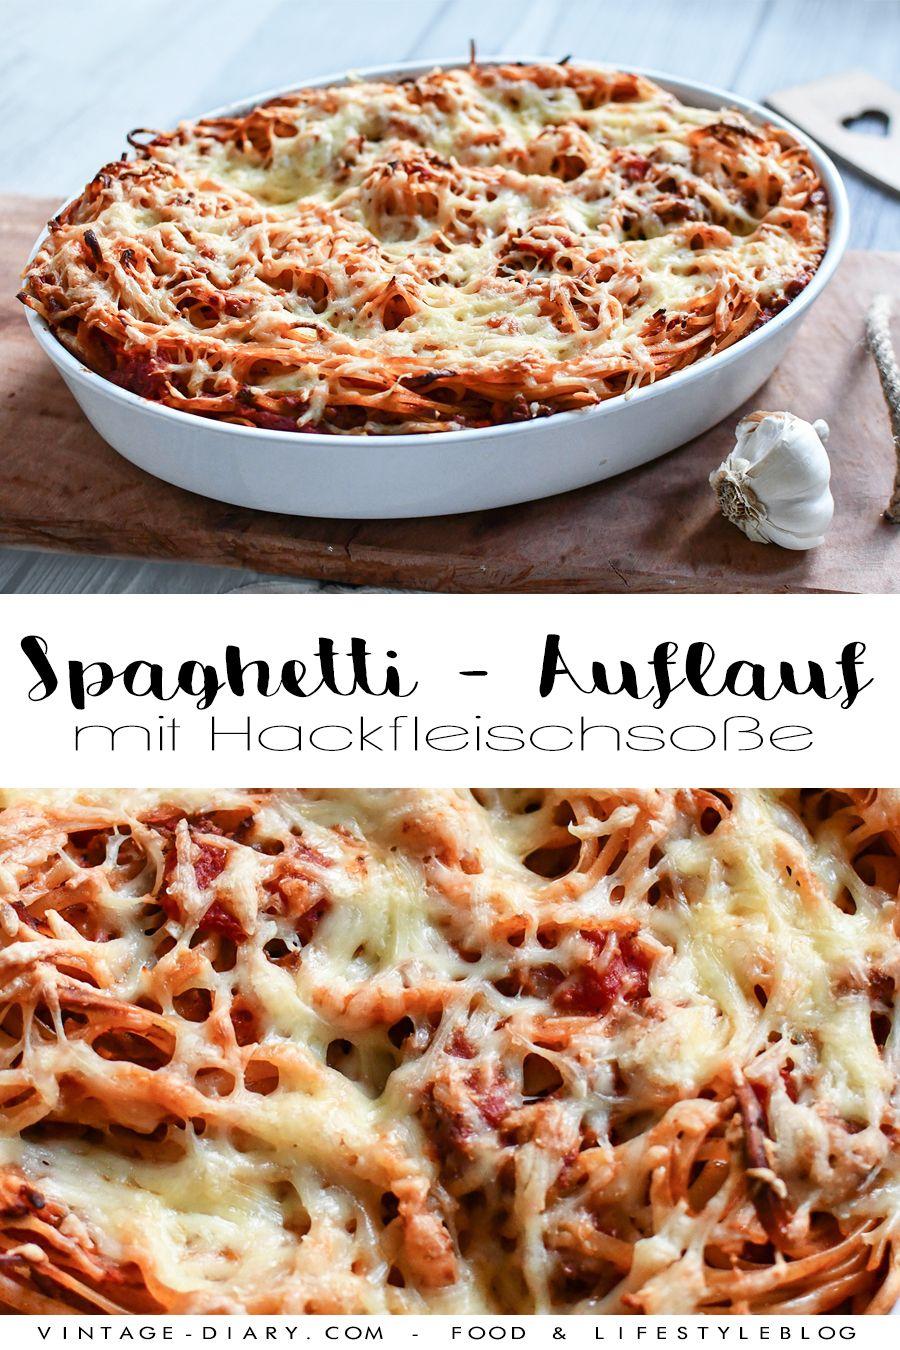 Spaghetti - Auflauf mit Hackfleischsoße - vintage-diary